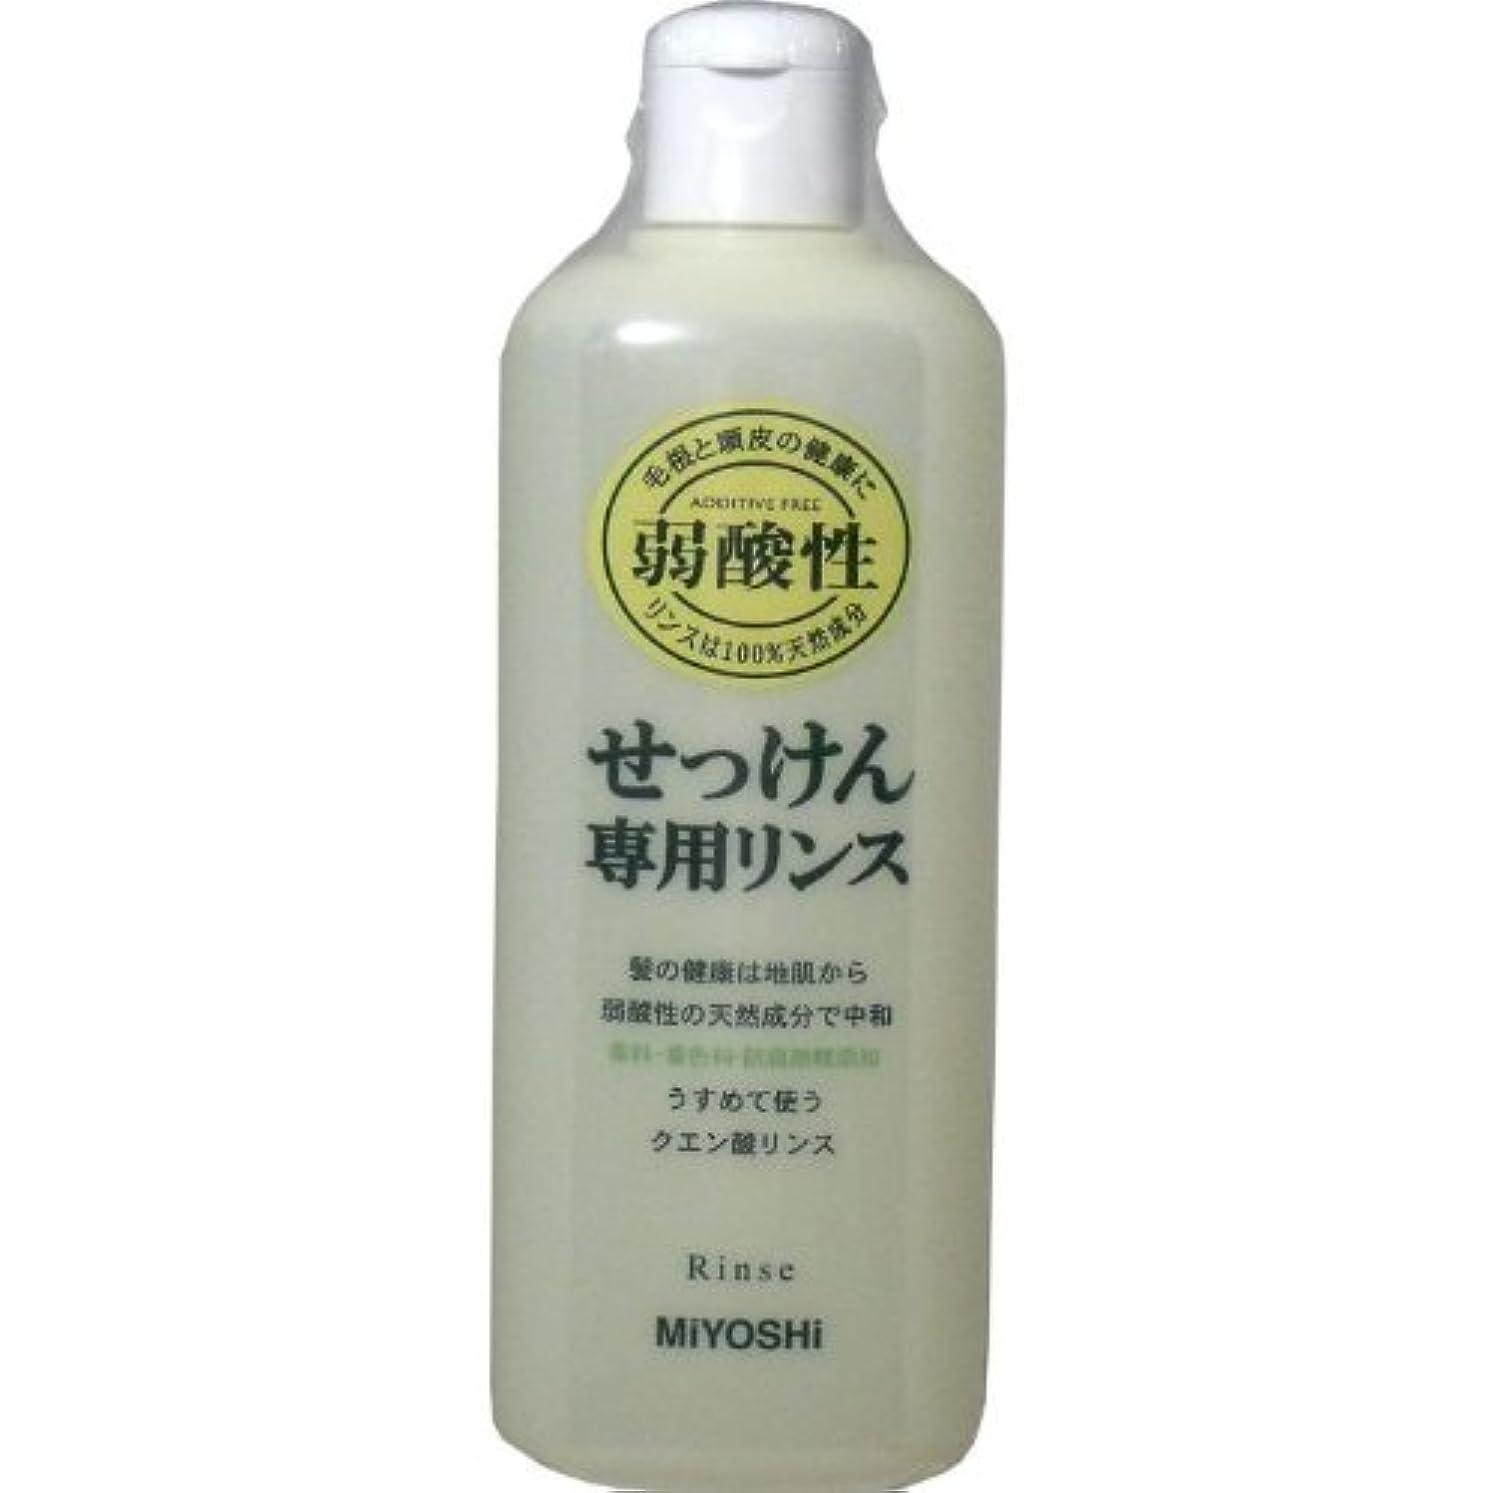 苦幾分セクタ髪の健康は地肌から、弱酸性の天然成分で中和!!香料、防腐剤、着色料無添加!うすめて使うクエン酸リンス!リンス 350mL